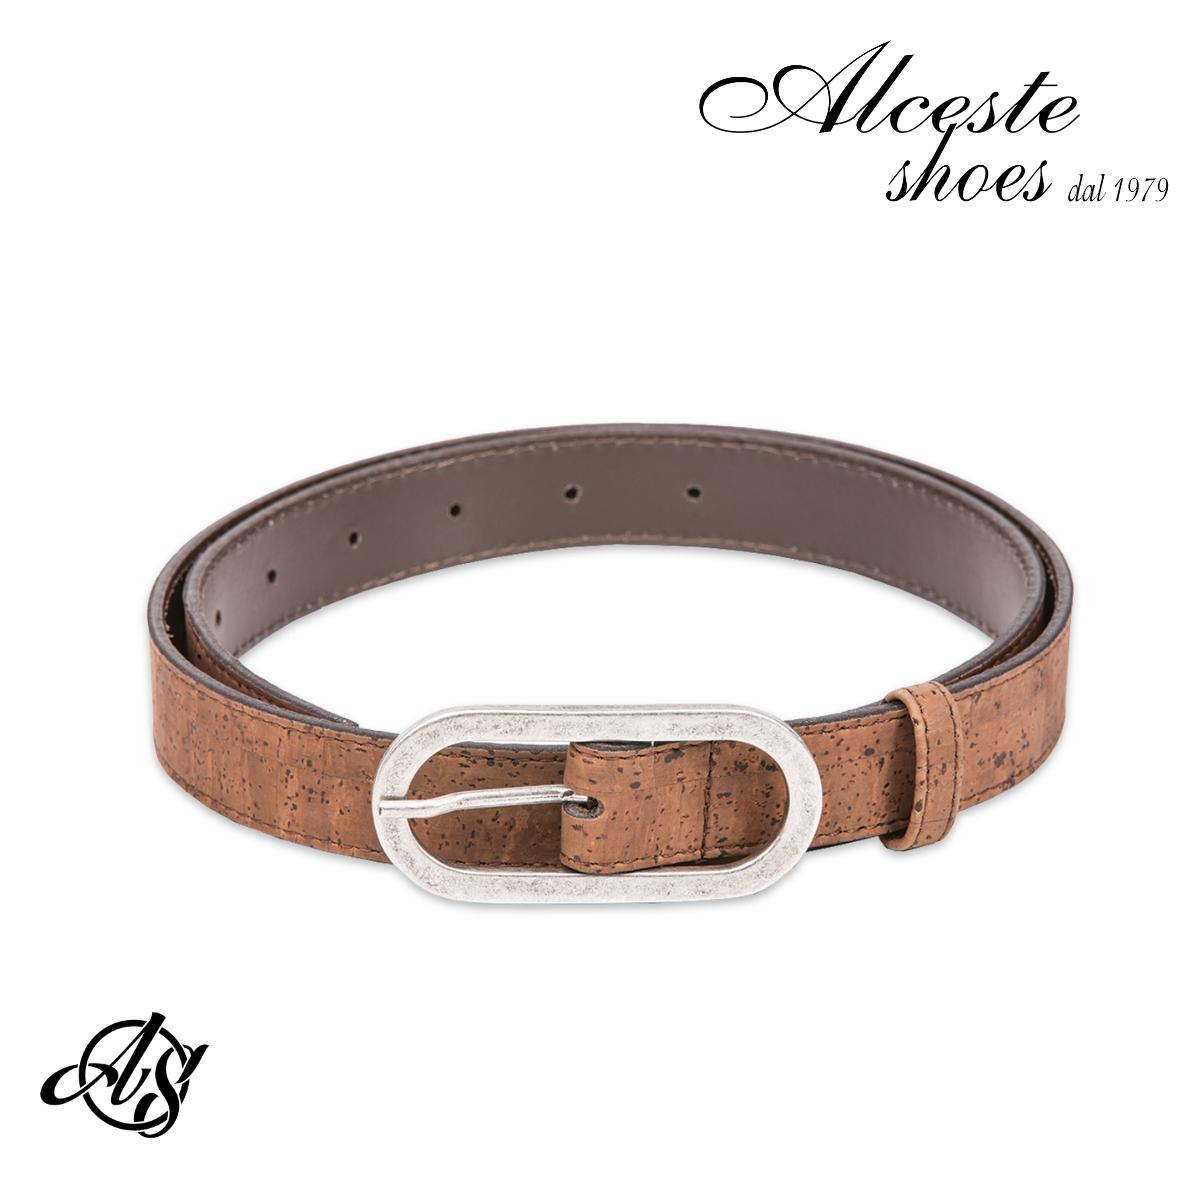 Cintura Donna in Sughero Marrone Alceste Shoes 34